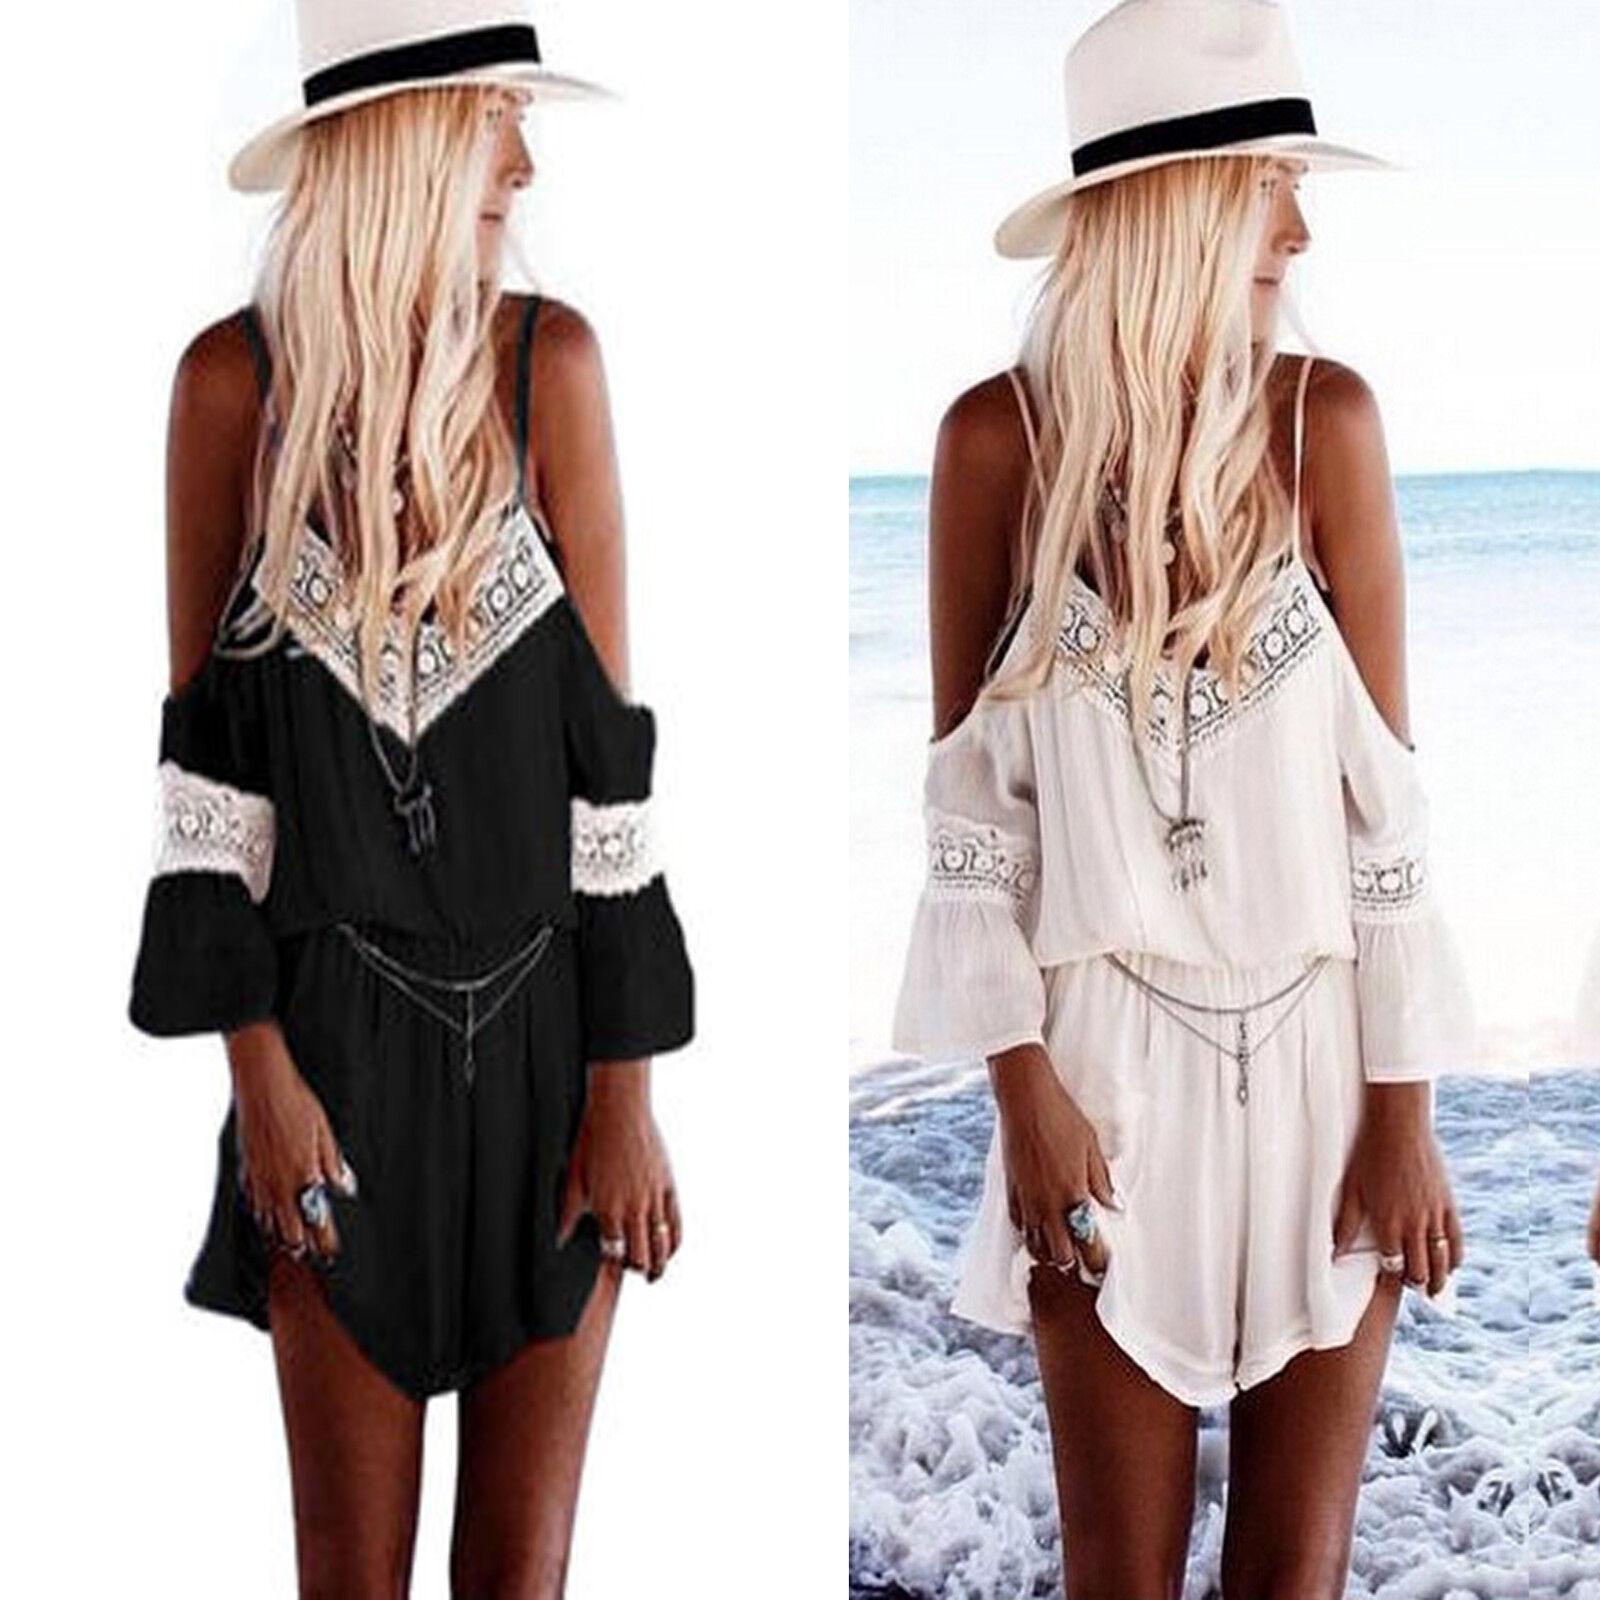 Da Donna Estive Mini Tutina Donna Tuta Pantaloncini Da Spiaggia Abito Vincenza